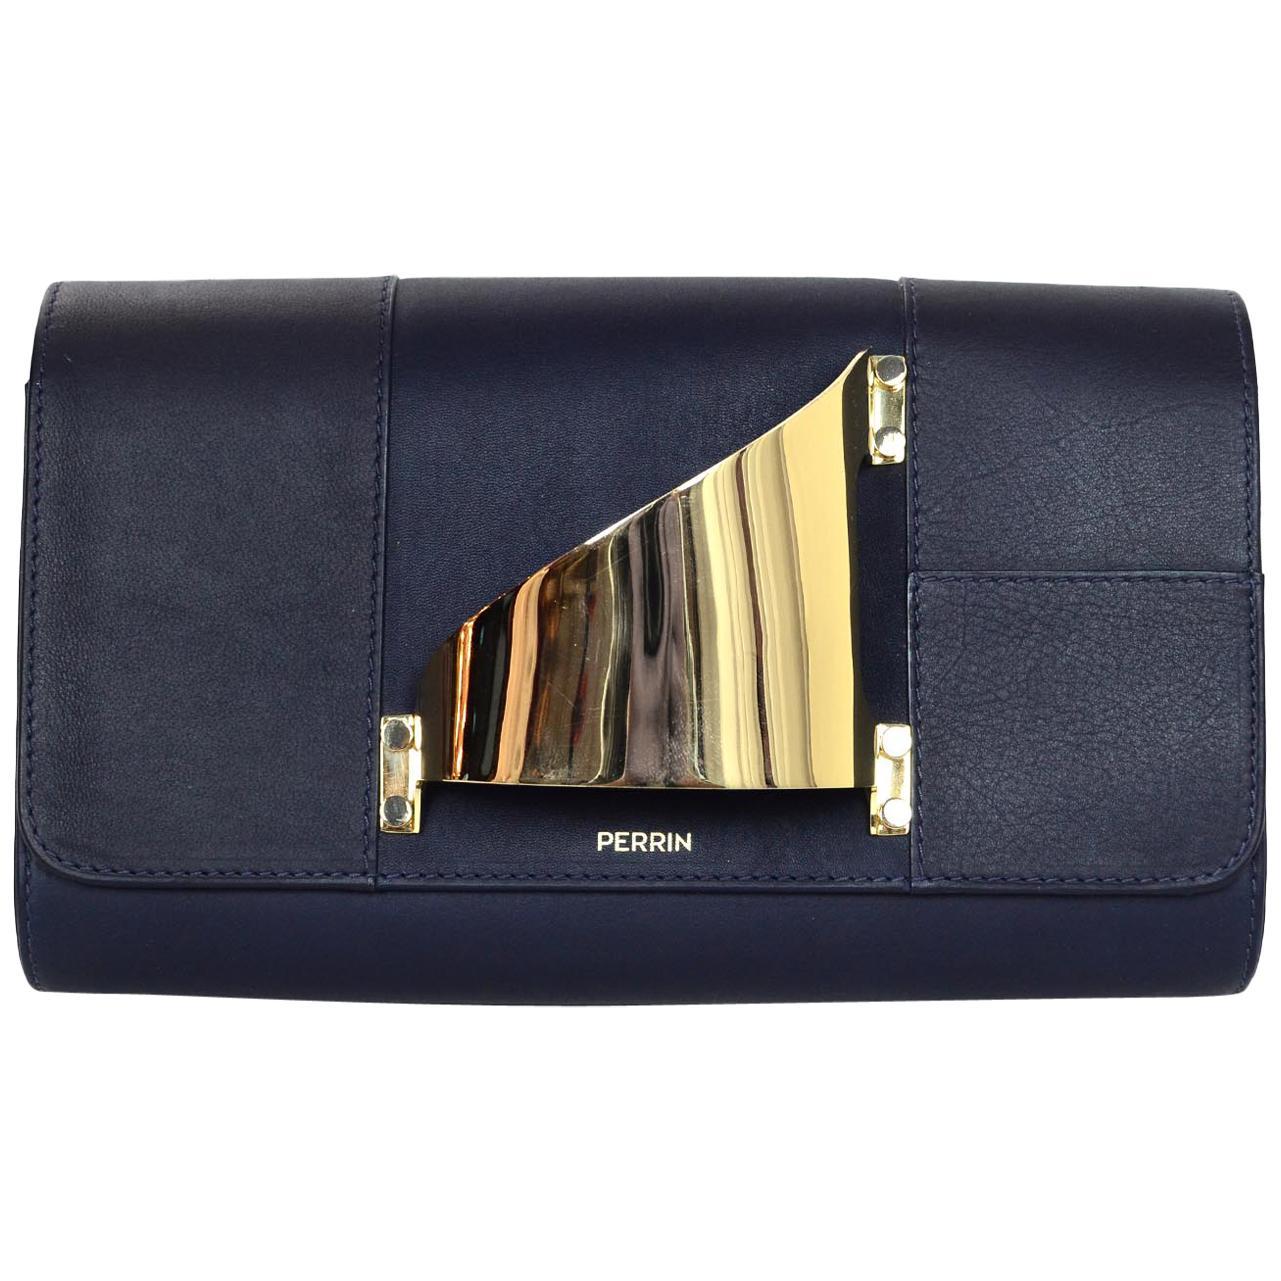 82490cd7c1a5 HERMES Rouge Vif Tadelakt Leather 23cm Medor Clutch Bag PHW at 1stdibs